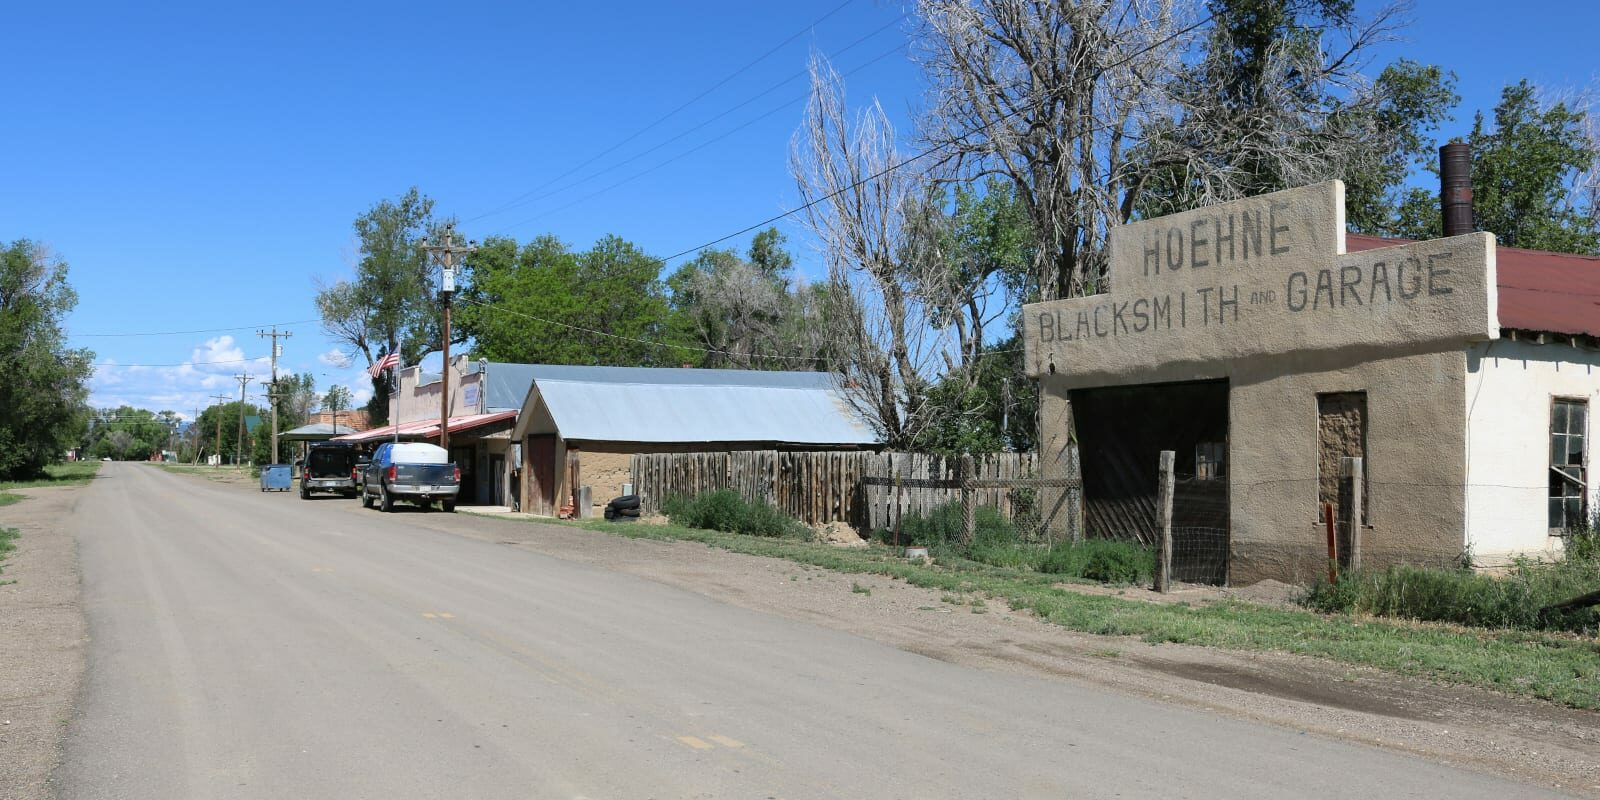 Hoehne Colorado County Road 40.6